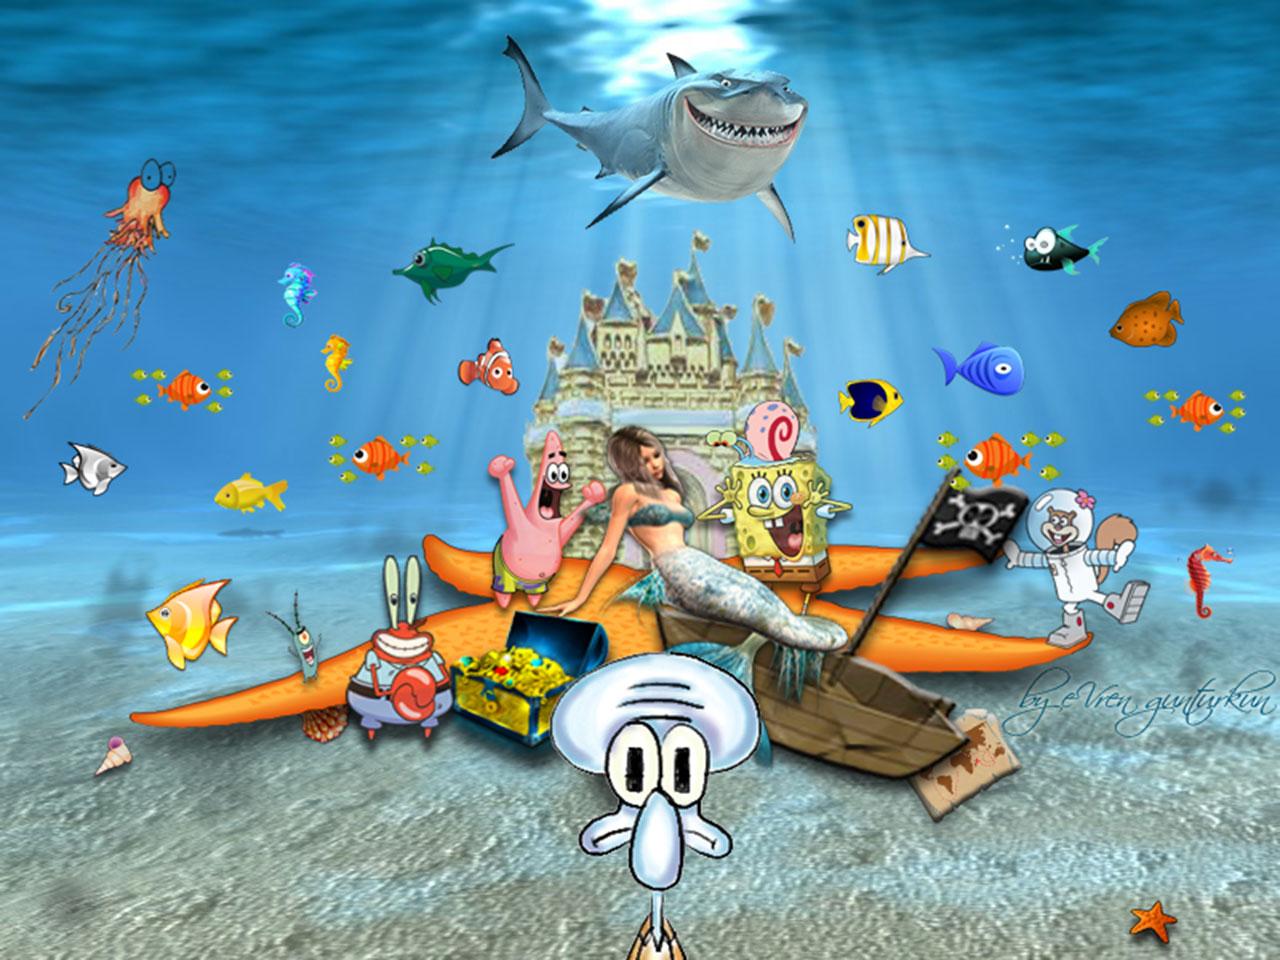 Baby Spongebob Squarepants Wallpaper Traffic Club